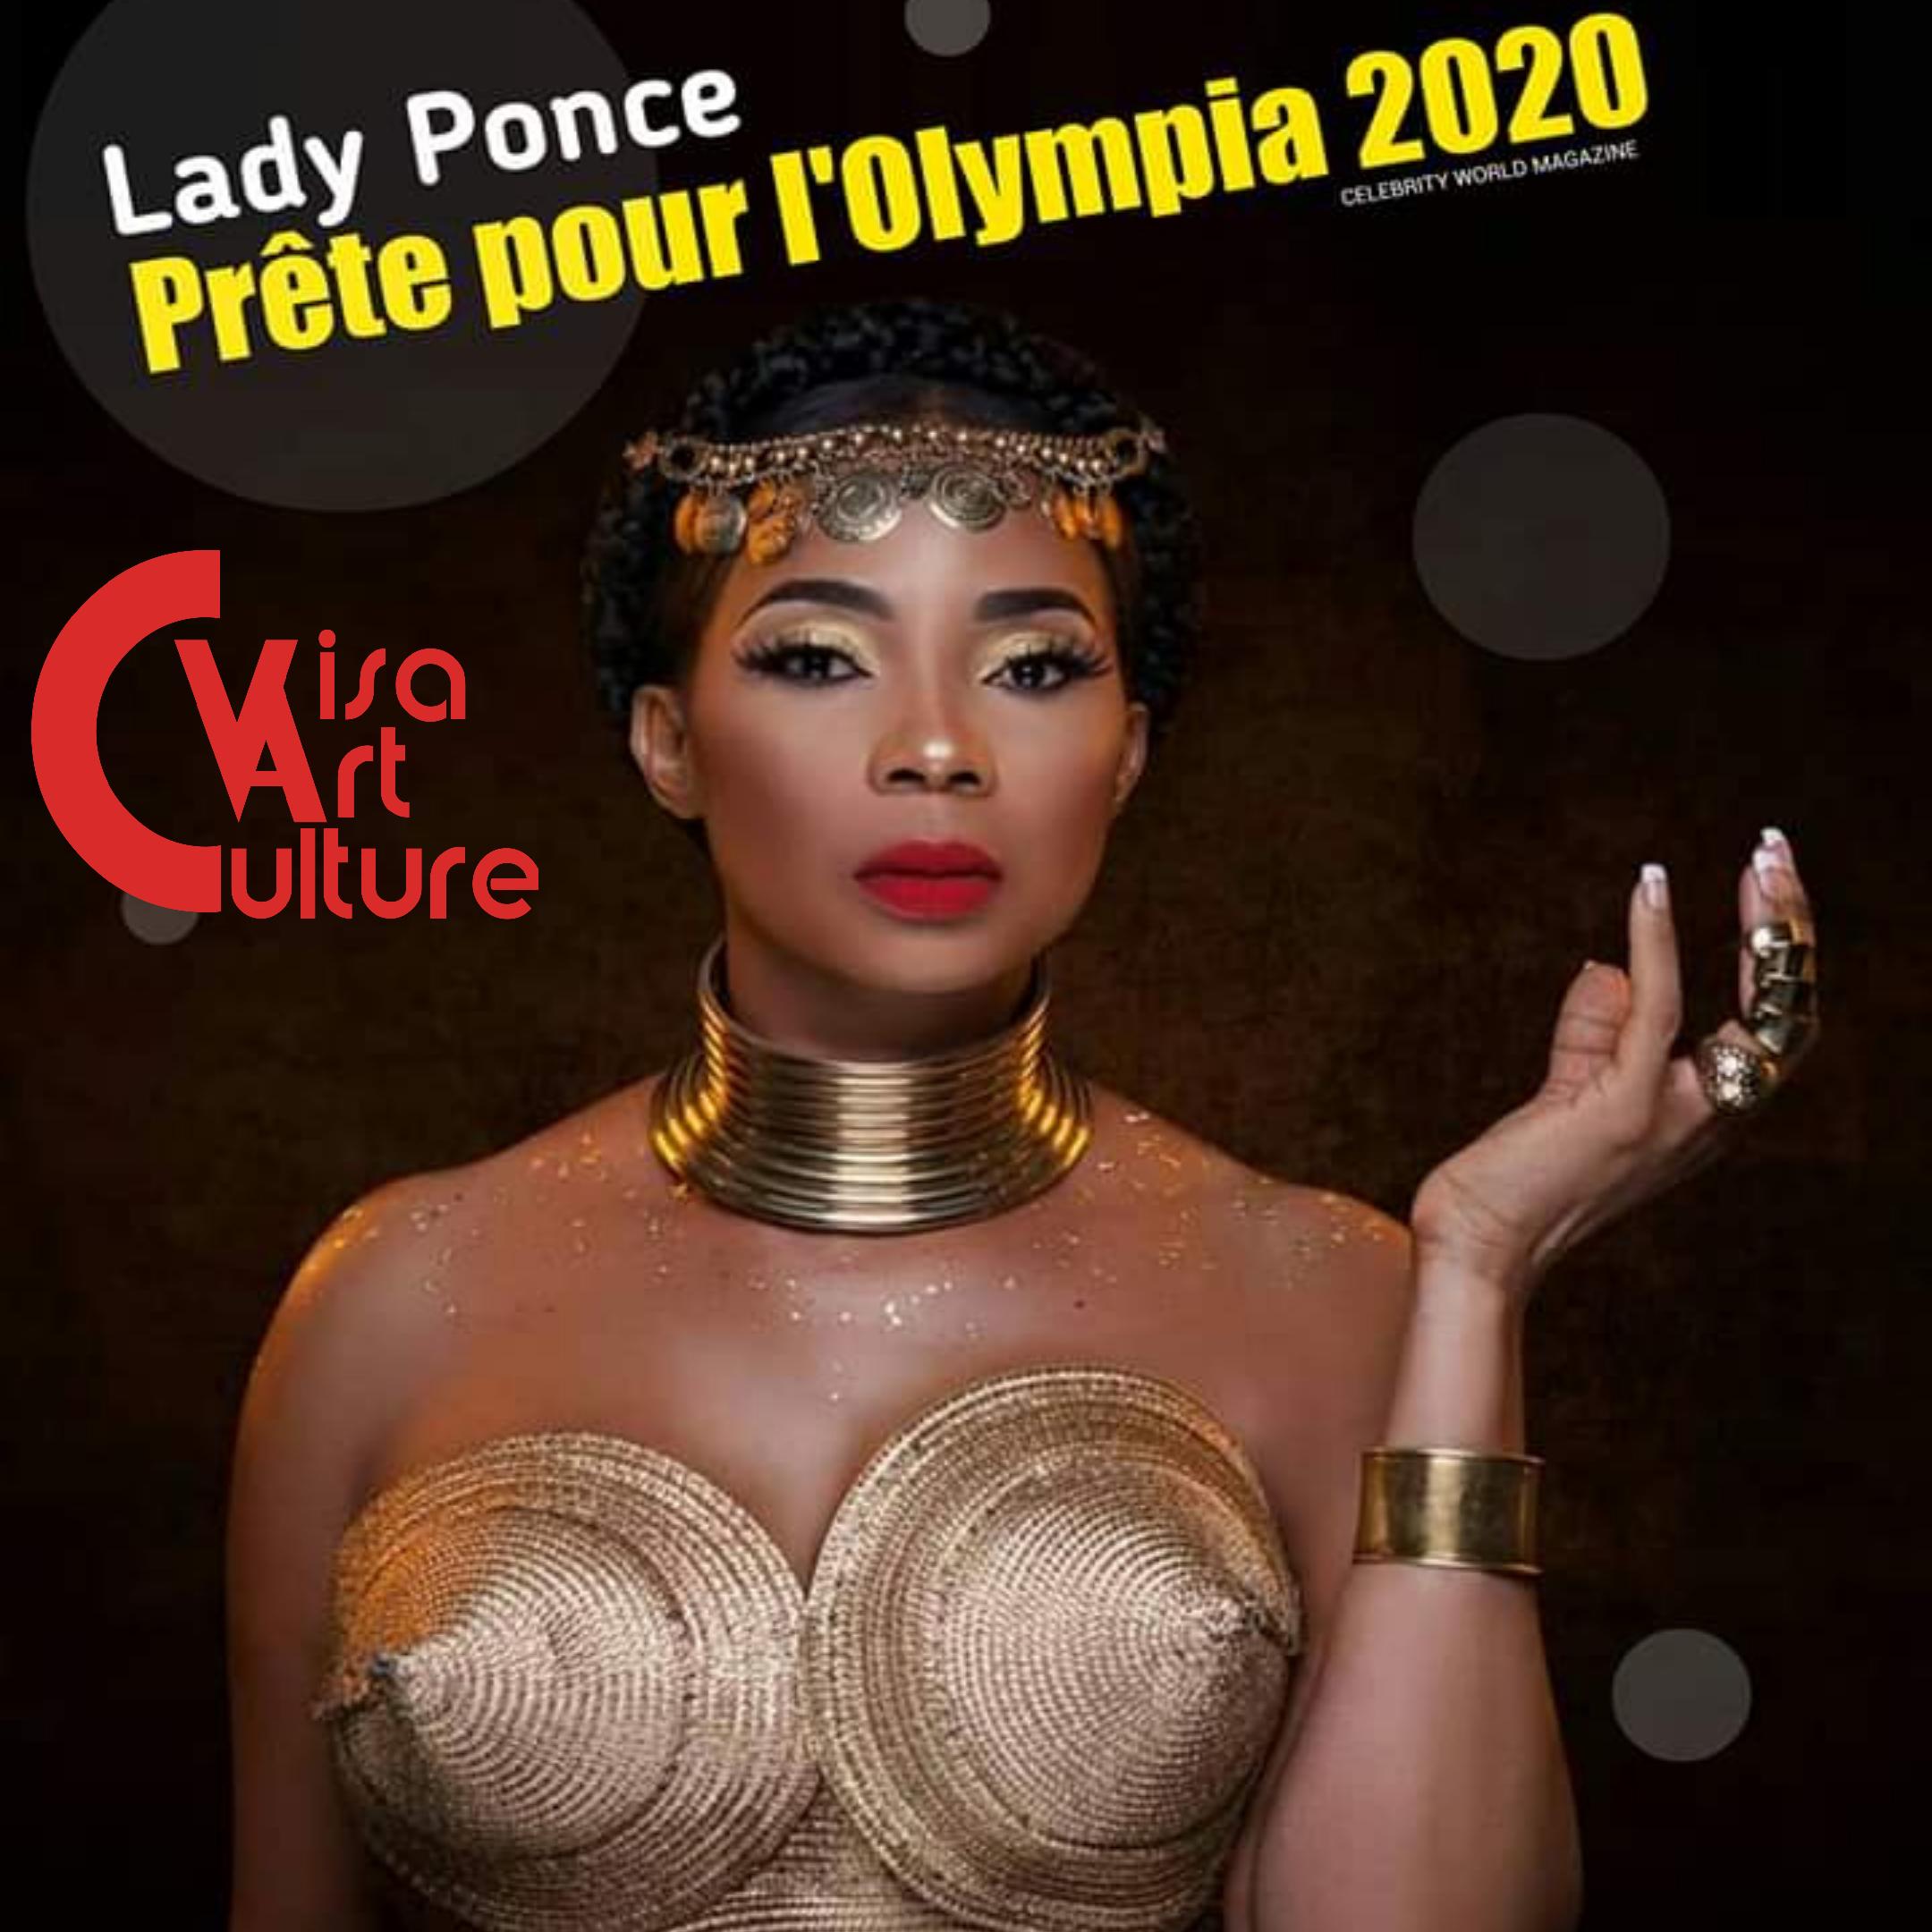 Lady ponce au top en 2020, qui a dit qu'elle est finie ??